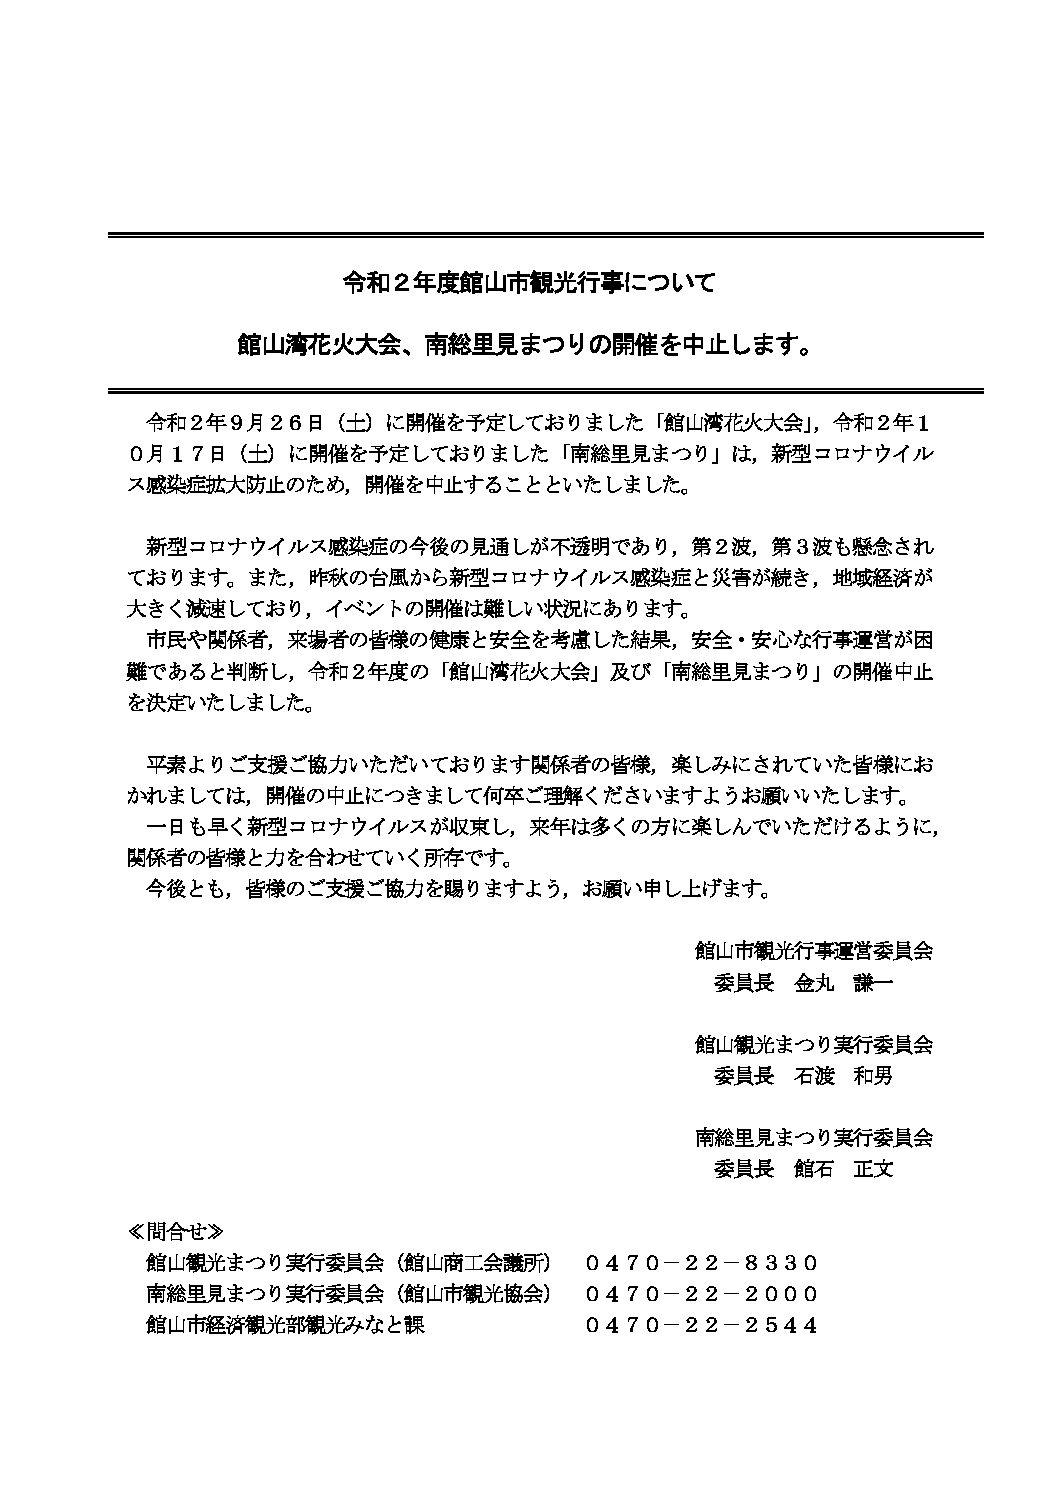 令和2年度館山湾花火大会開催中止のお知らせ